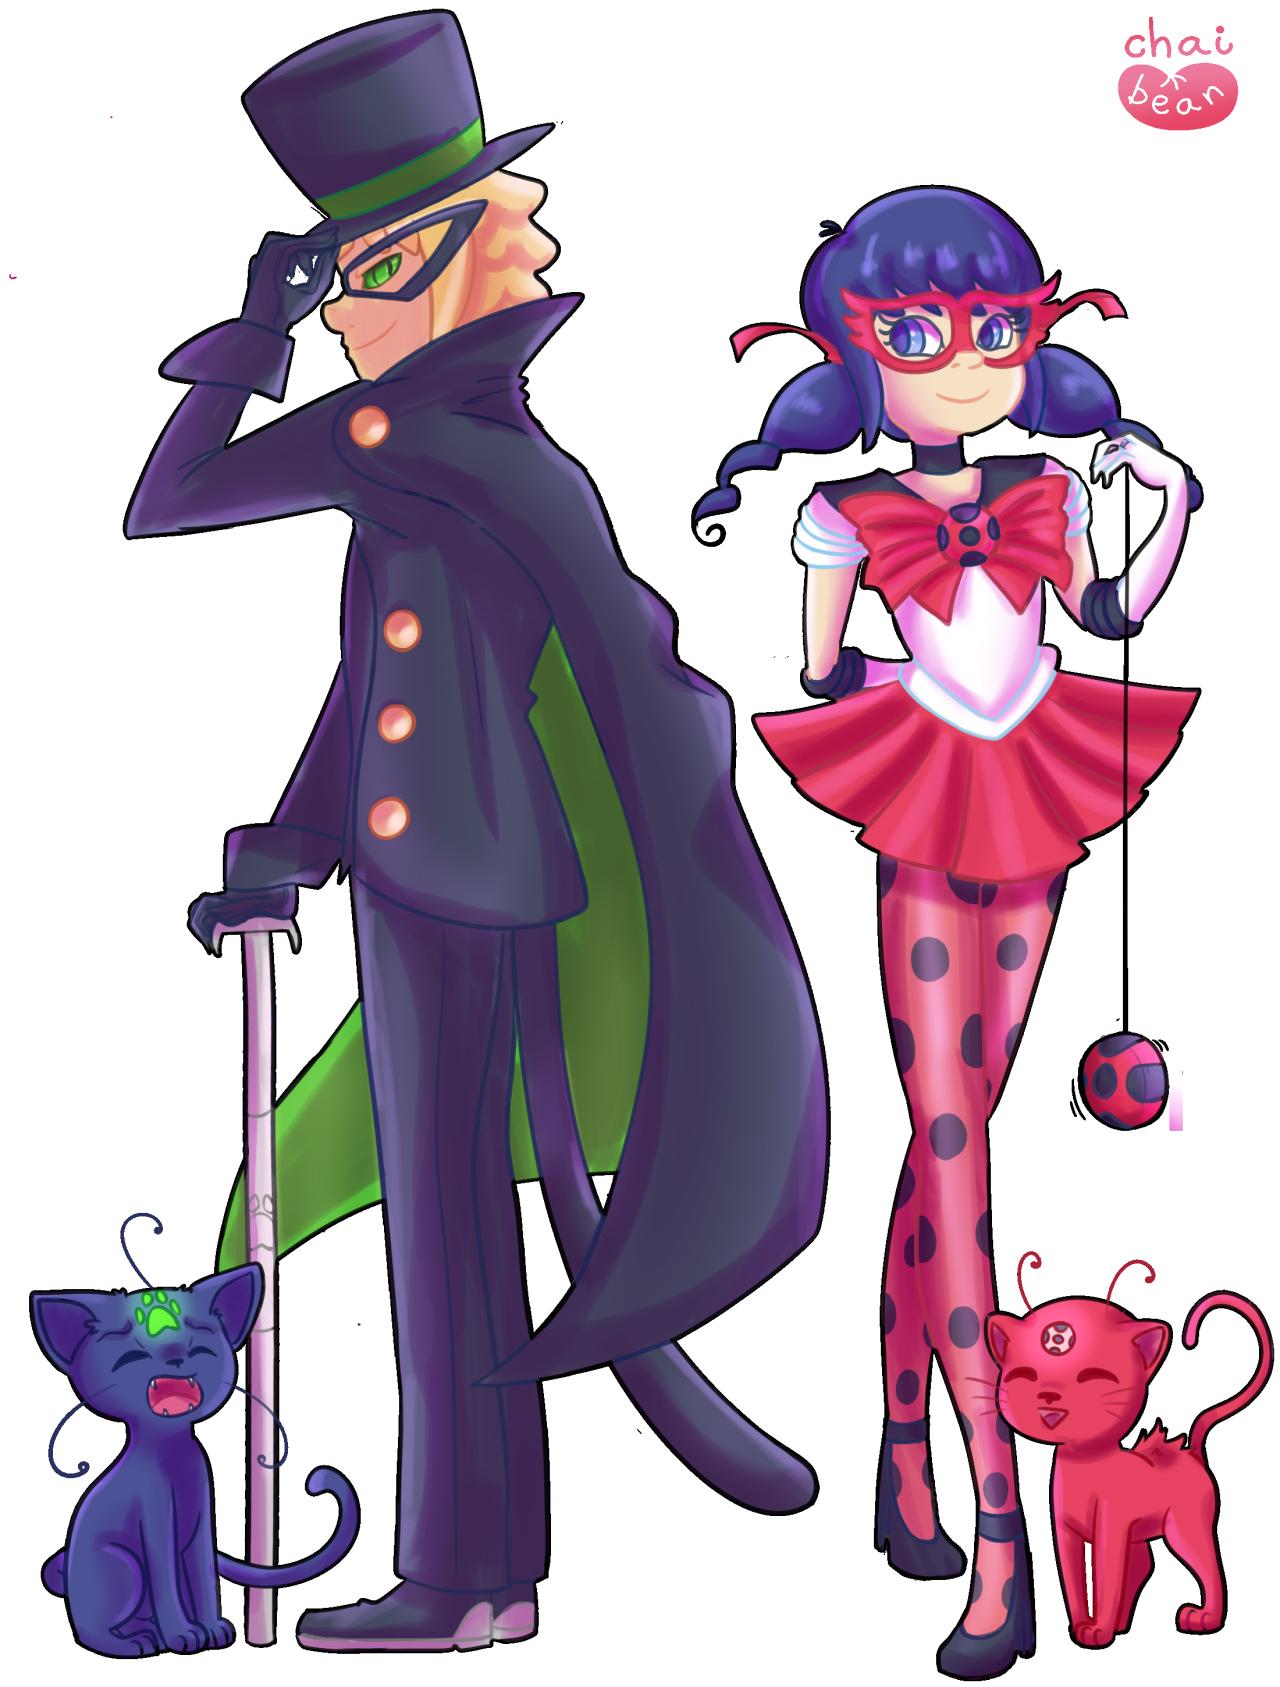 Ladybugs clipart purple. Sailor moon au miraculous